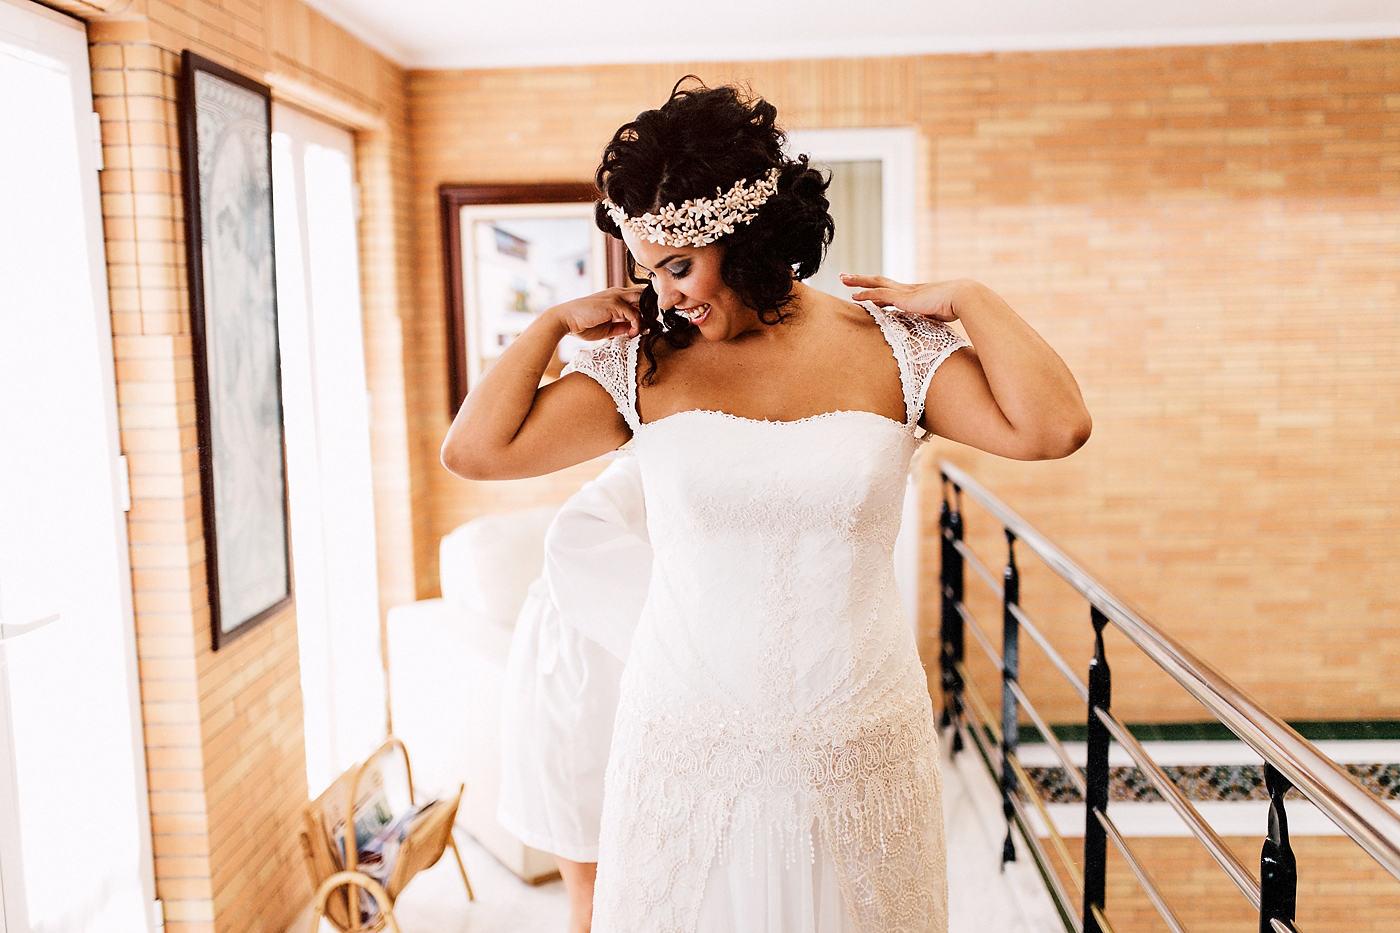 fotografo-de-bodas-en-sevilla-8